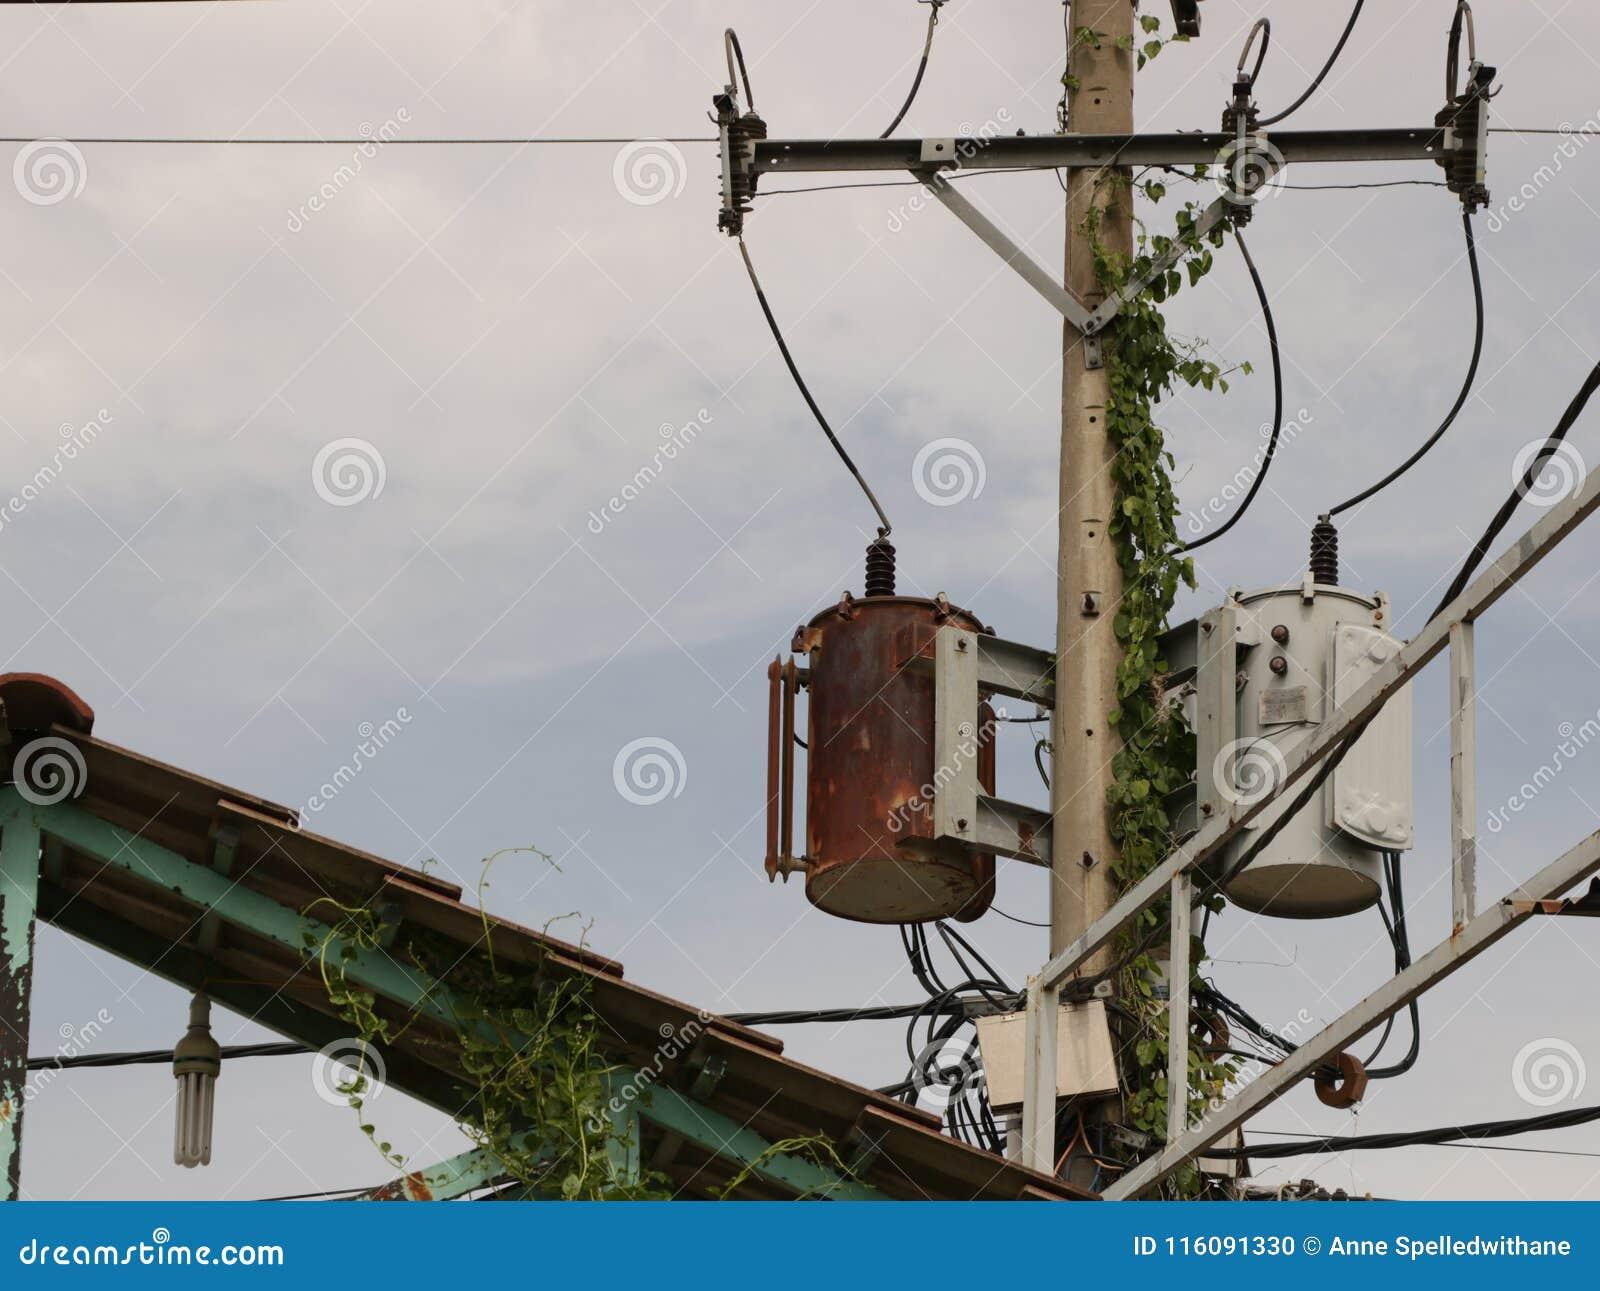 Εκλεκτής ποιότητας σκουριασμένο ηλεκτρικό κιβώτιο μετασχηματιστών διανομής σε Πολωνό